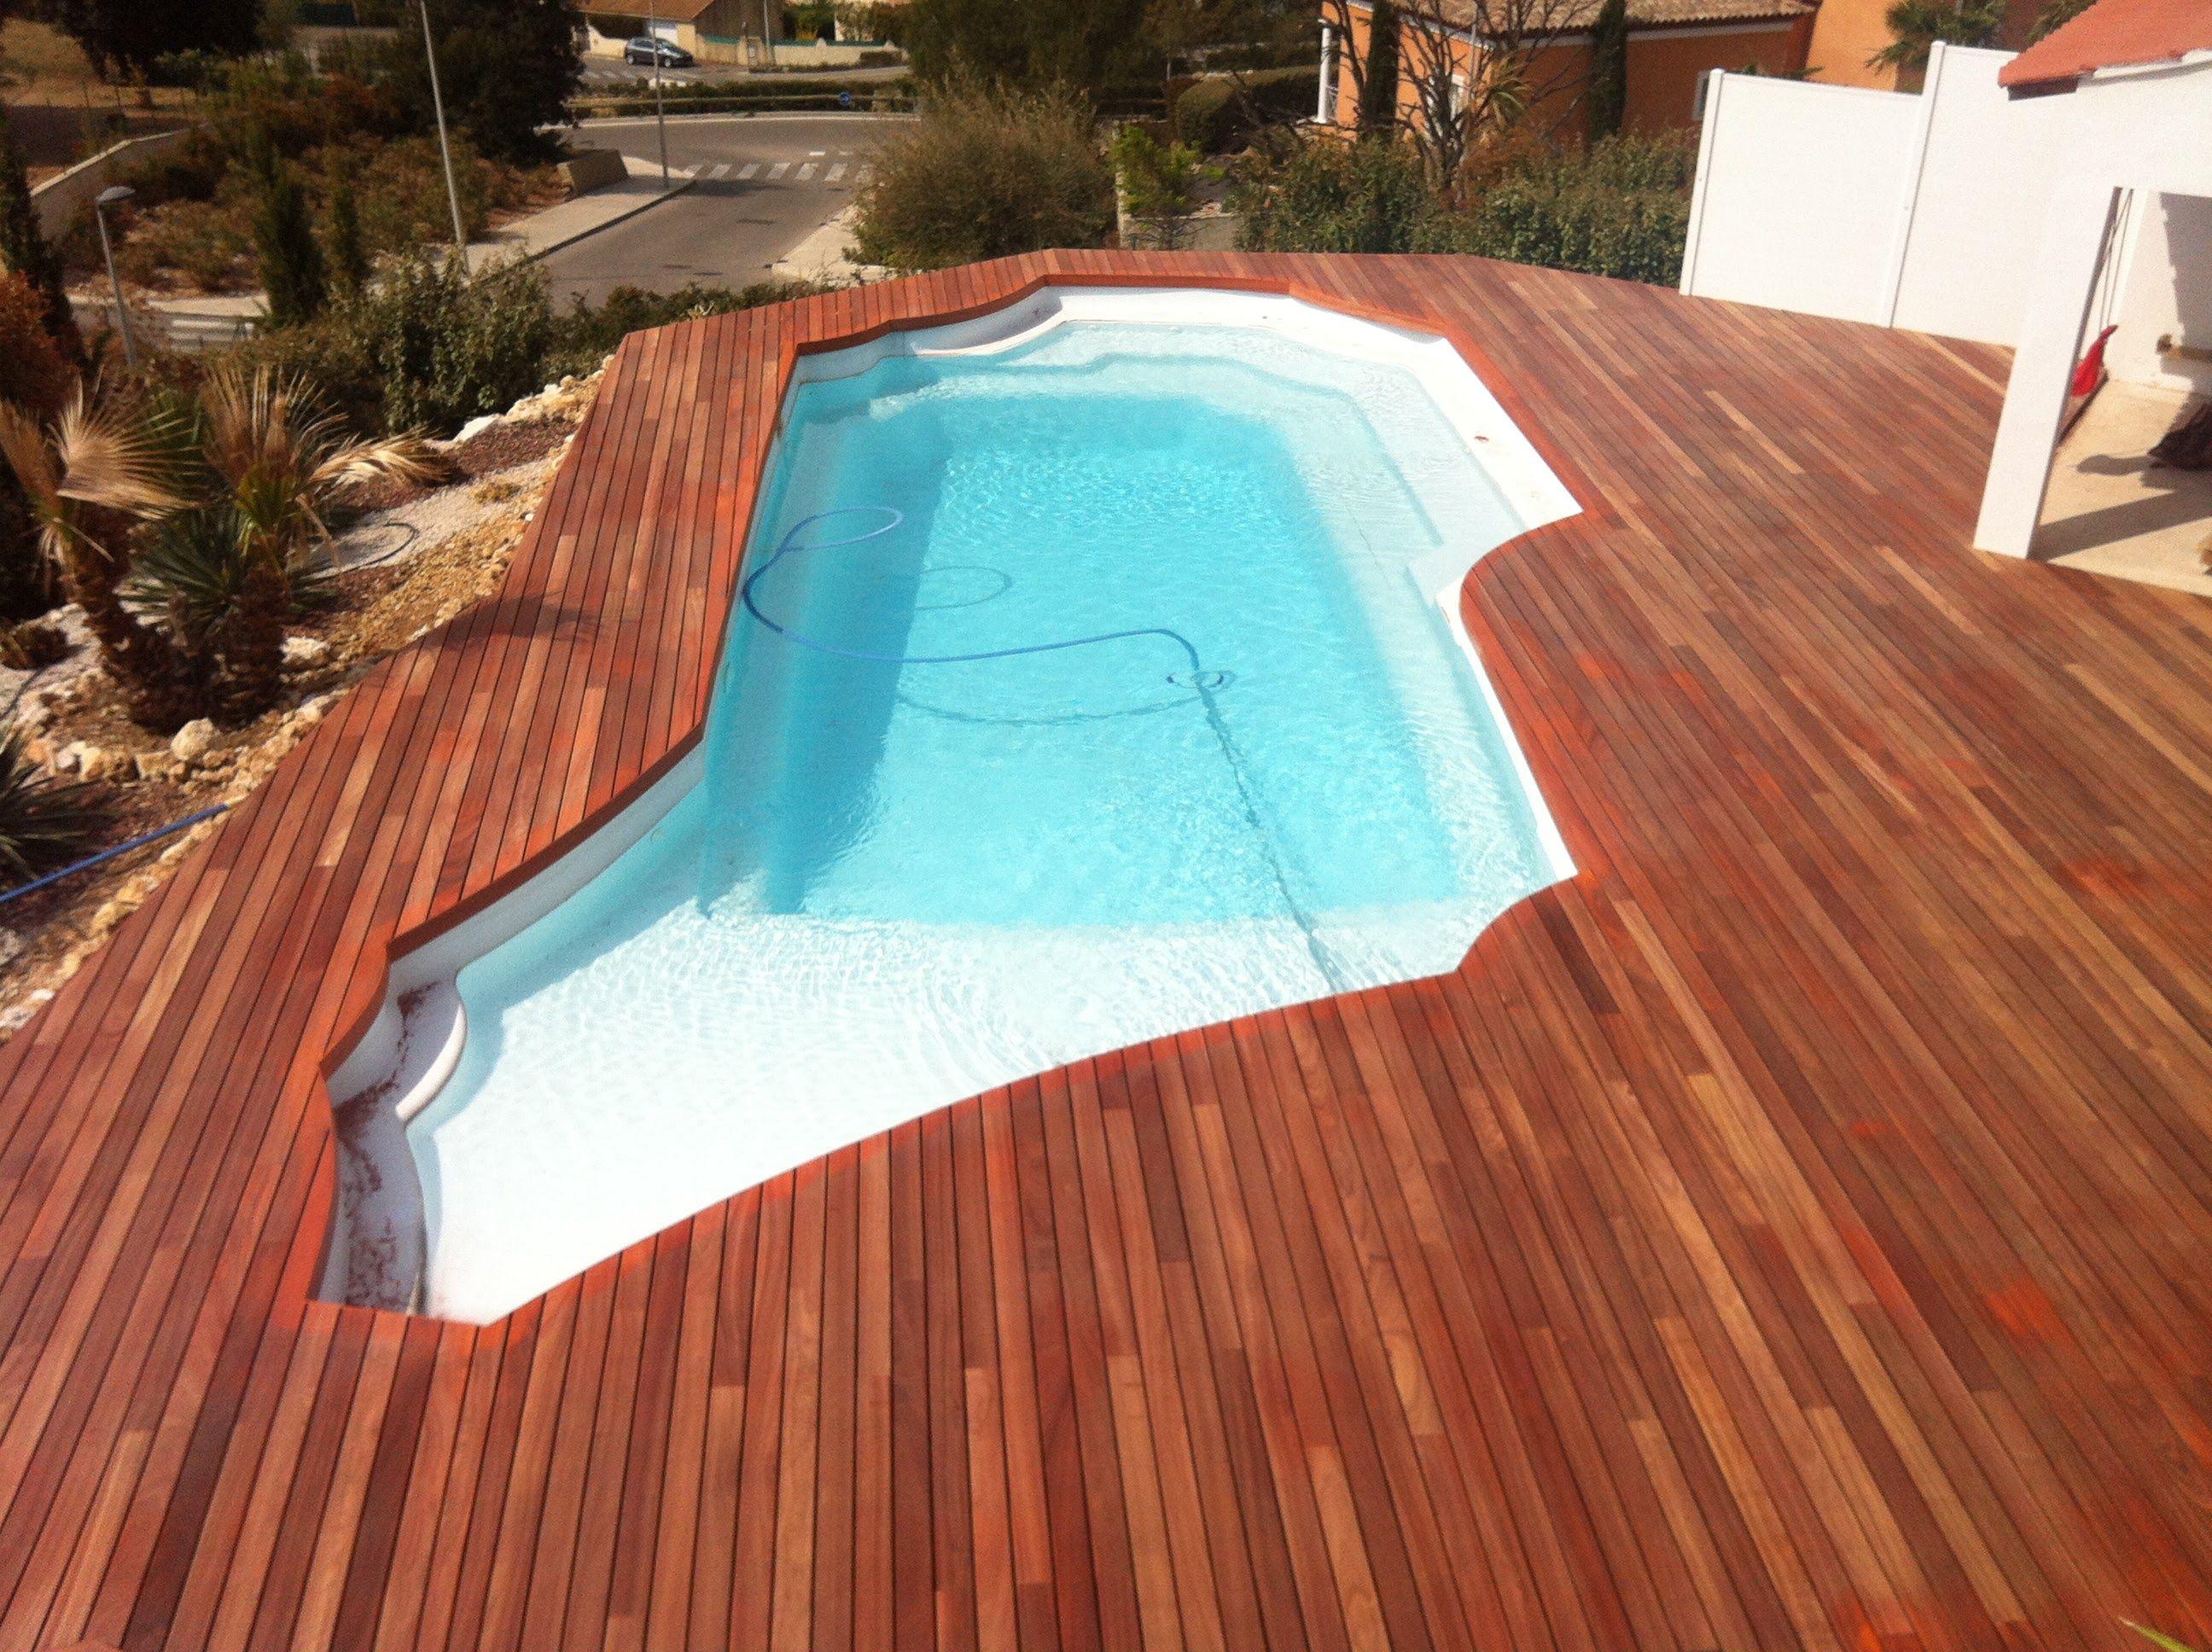 Am nagement de terrasse de piscine en bois exotique padouk visserie cach e av - Amenagement piscine en bois ...